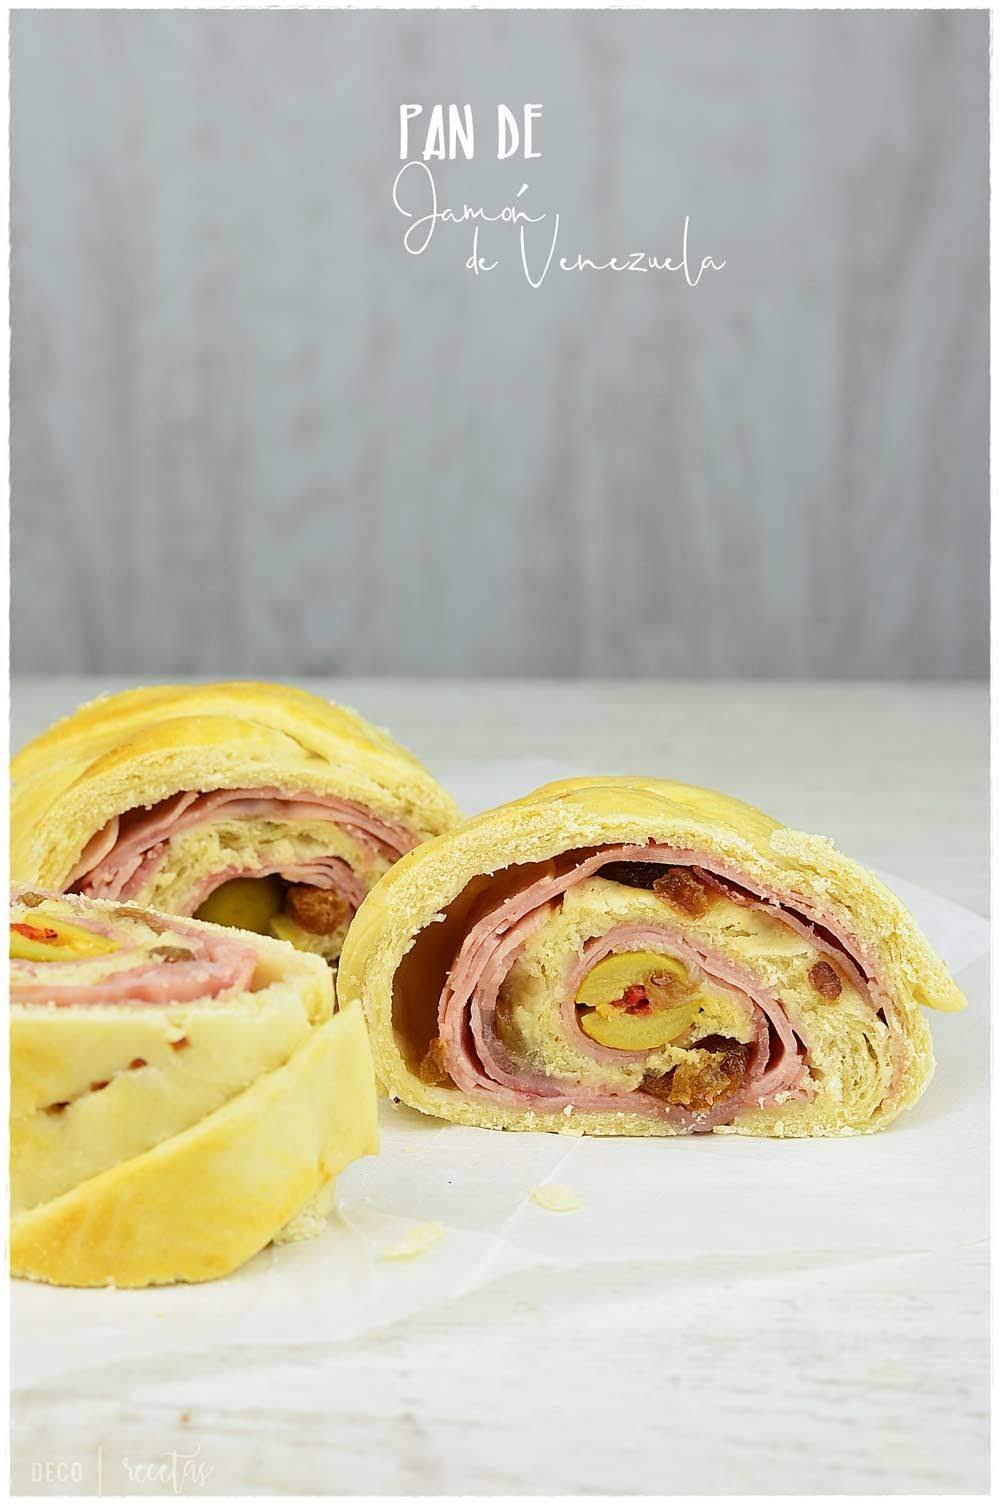 Pan de jamón- Receta de pan de jamón, una receta navideña tradicional de Venezuela